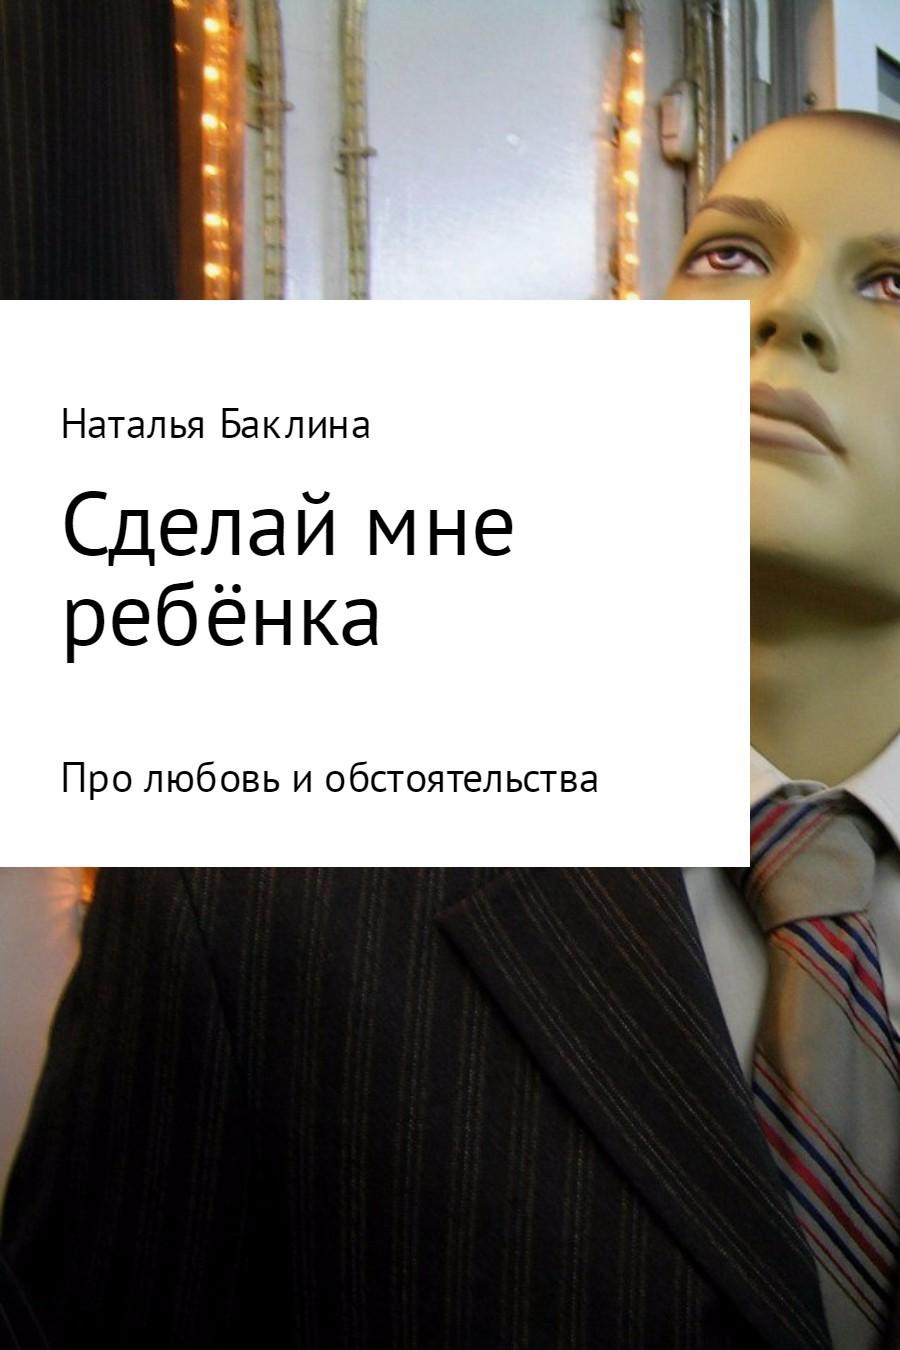 Наталья Баклина Сделай мне ребёнка наталья петровна беляева ерух просто жизнь